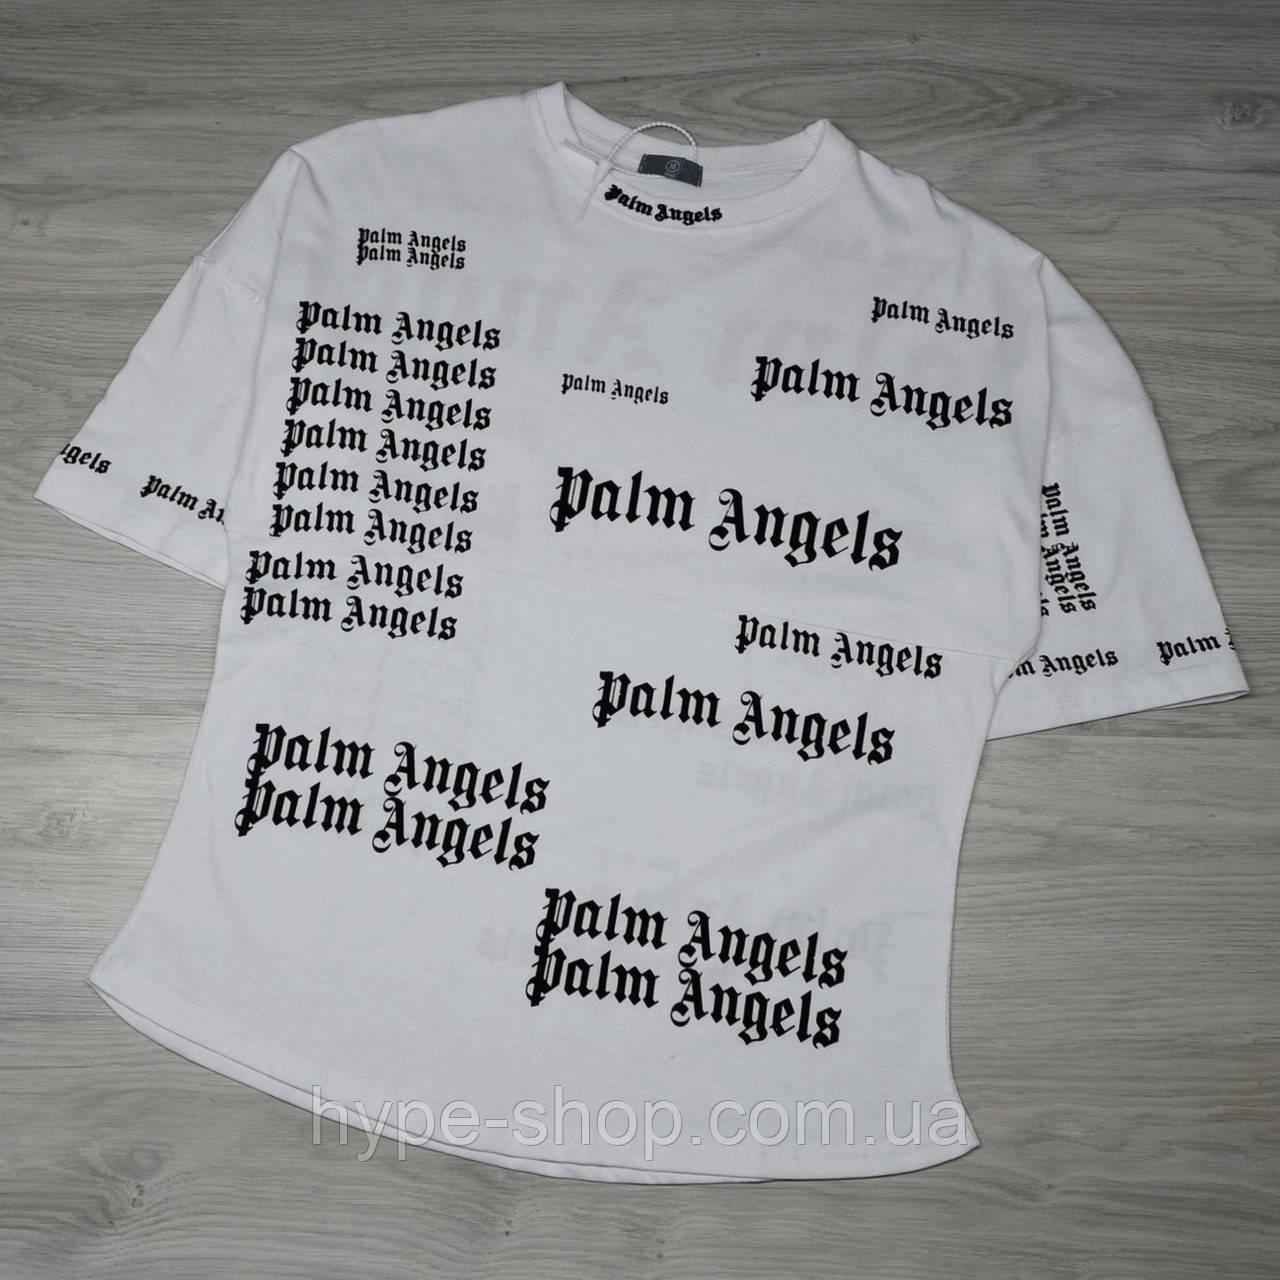 Мужская белая футболка Palm Angels с качественным принтом